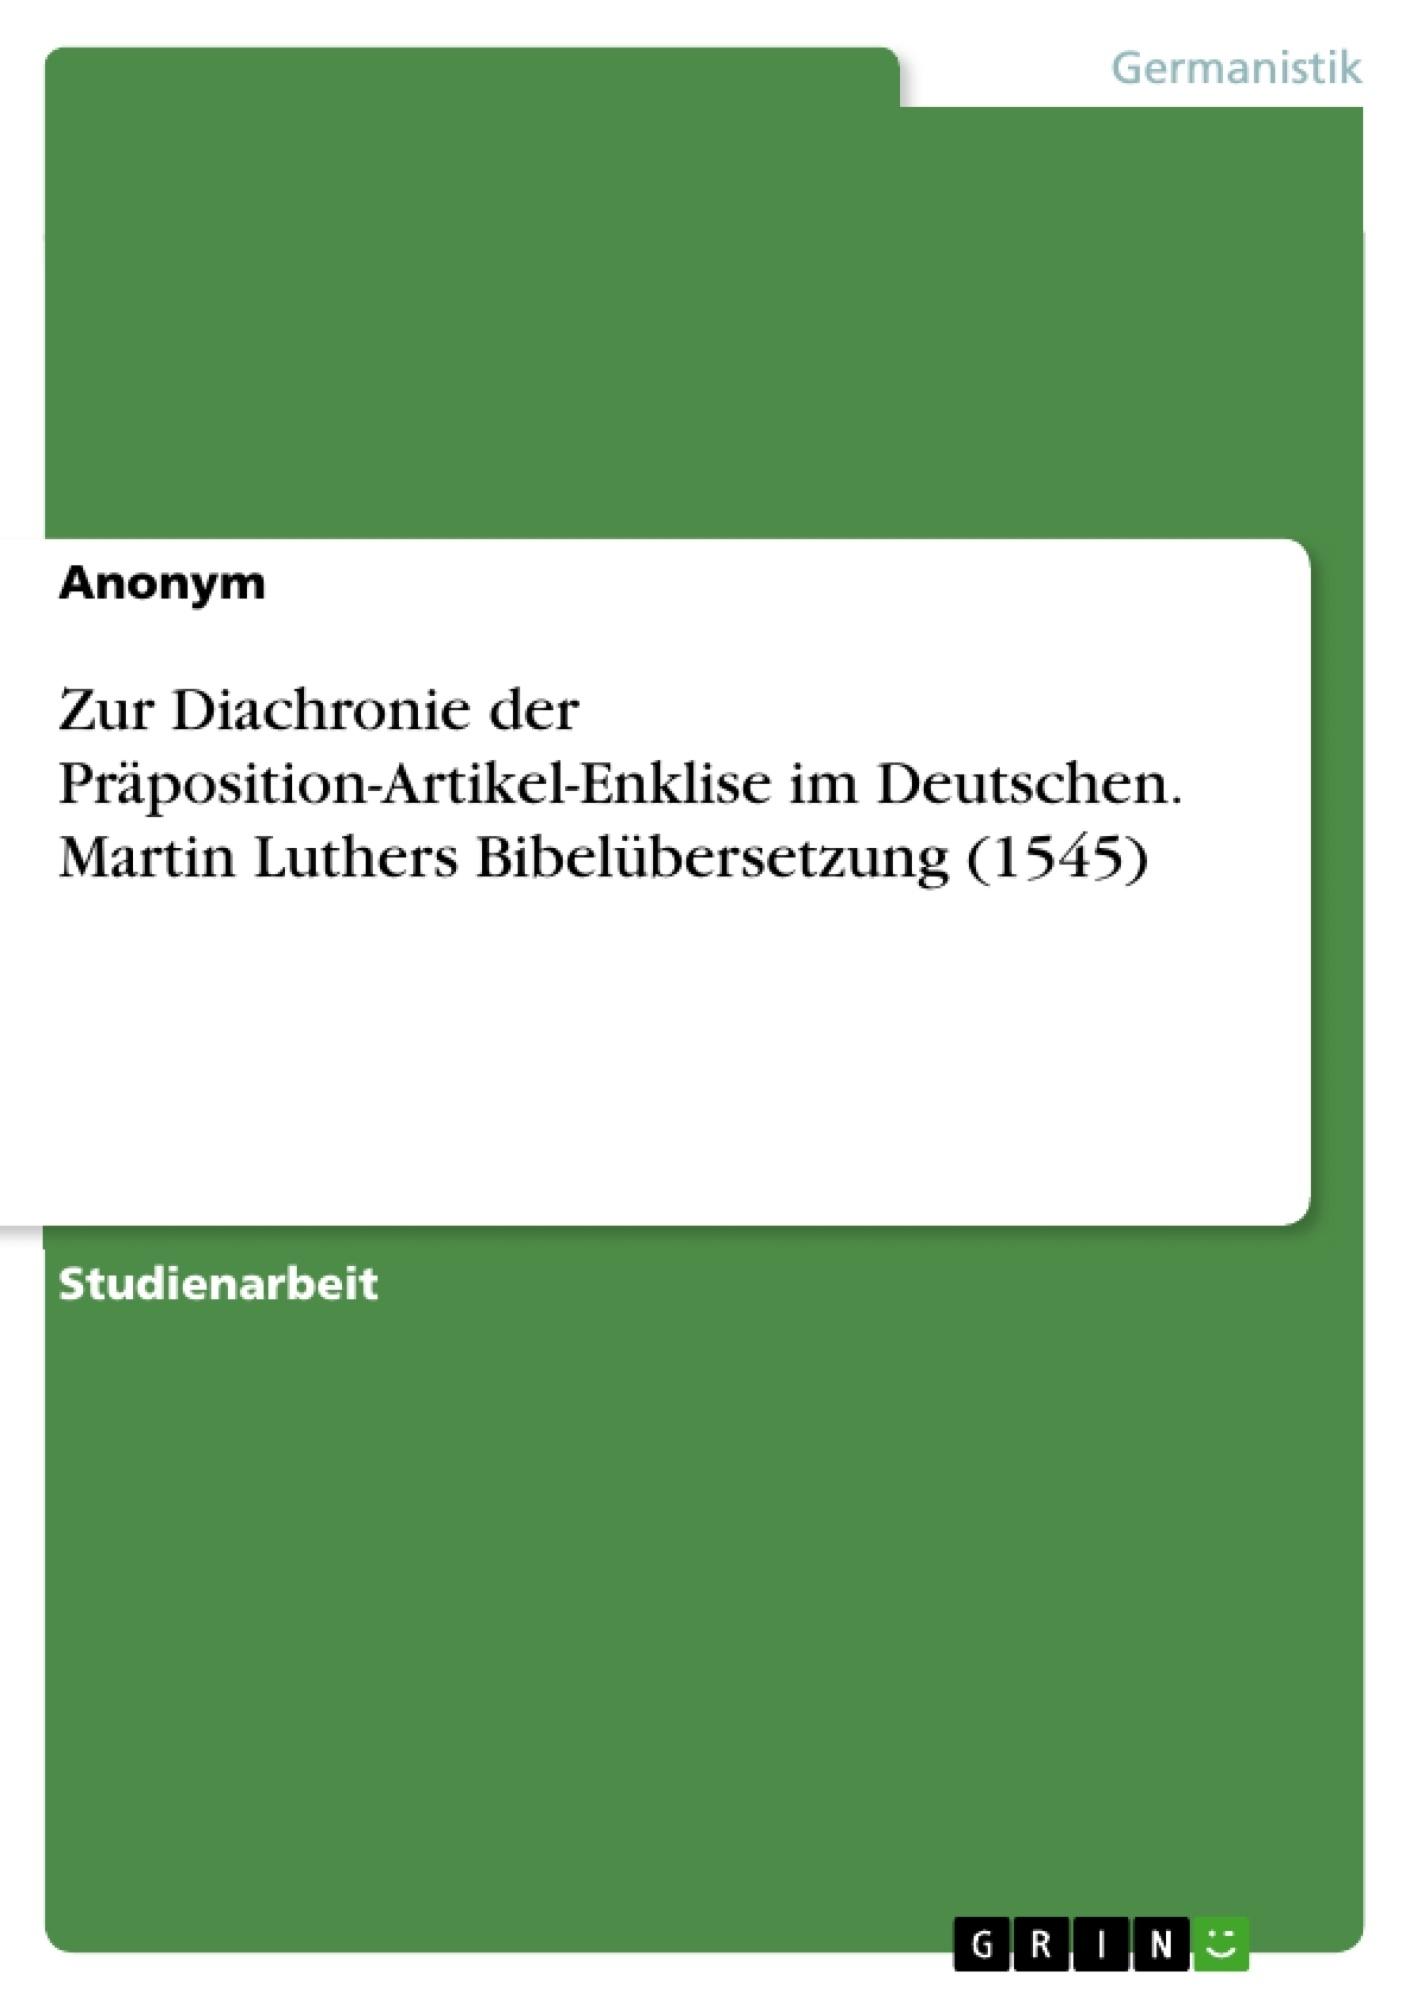 Titel: Zur Diachronie der Präposition-Artikel-Enklise im Deutschen. Martin Luthers Bibelübersetzung (1545)